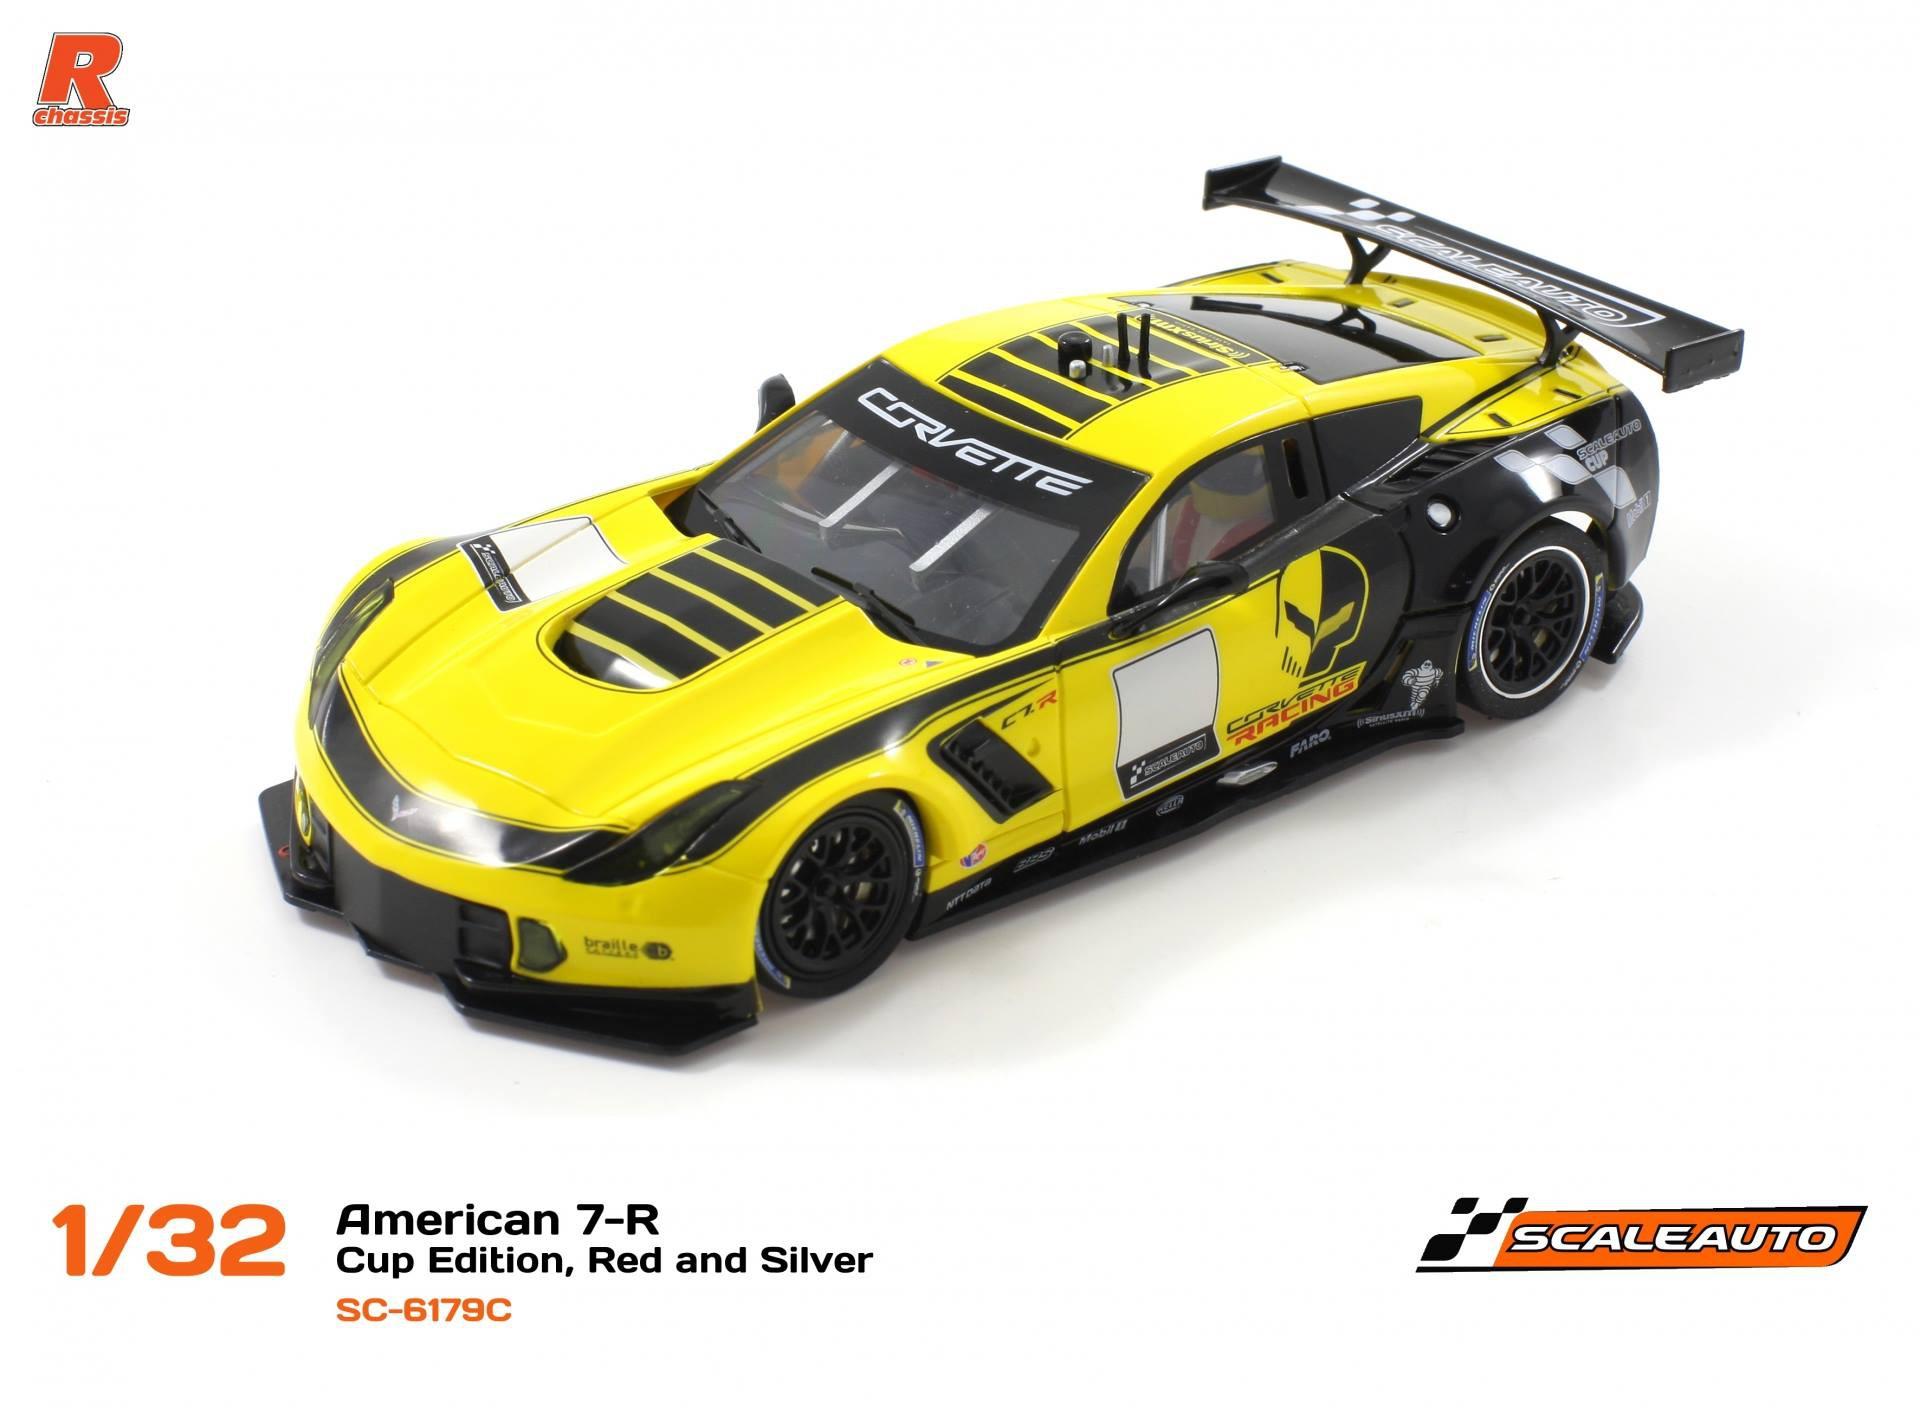 Scaleauto SC-6179C American C7-R Cup Edition, amarillo and negro